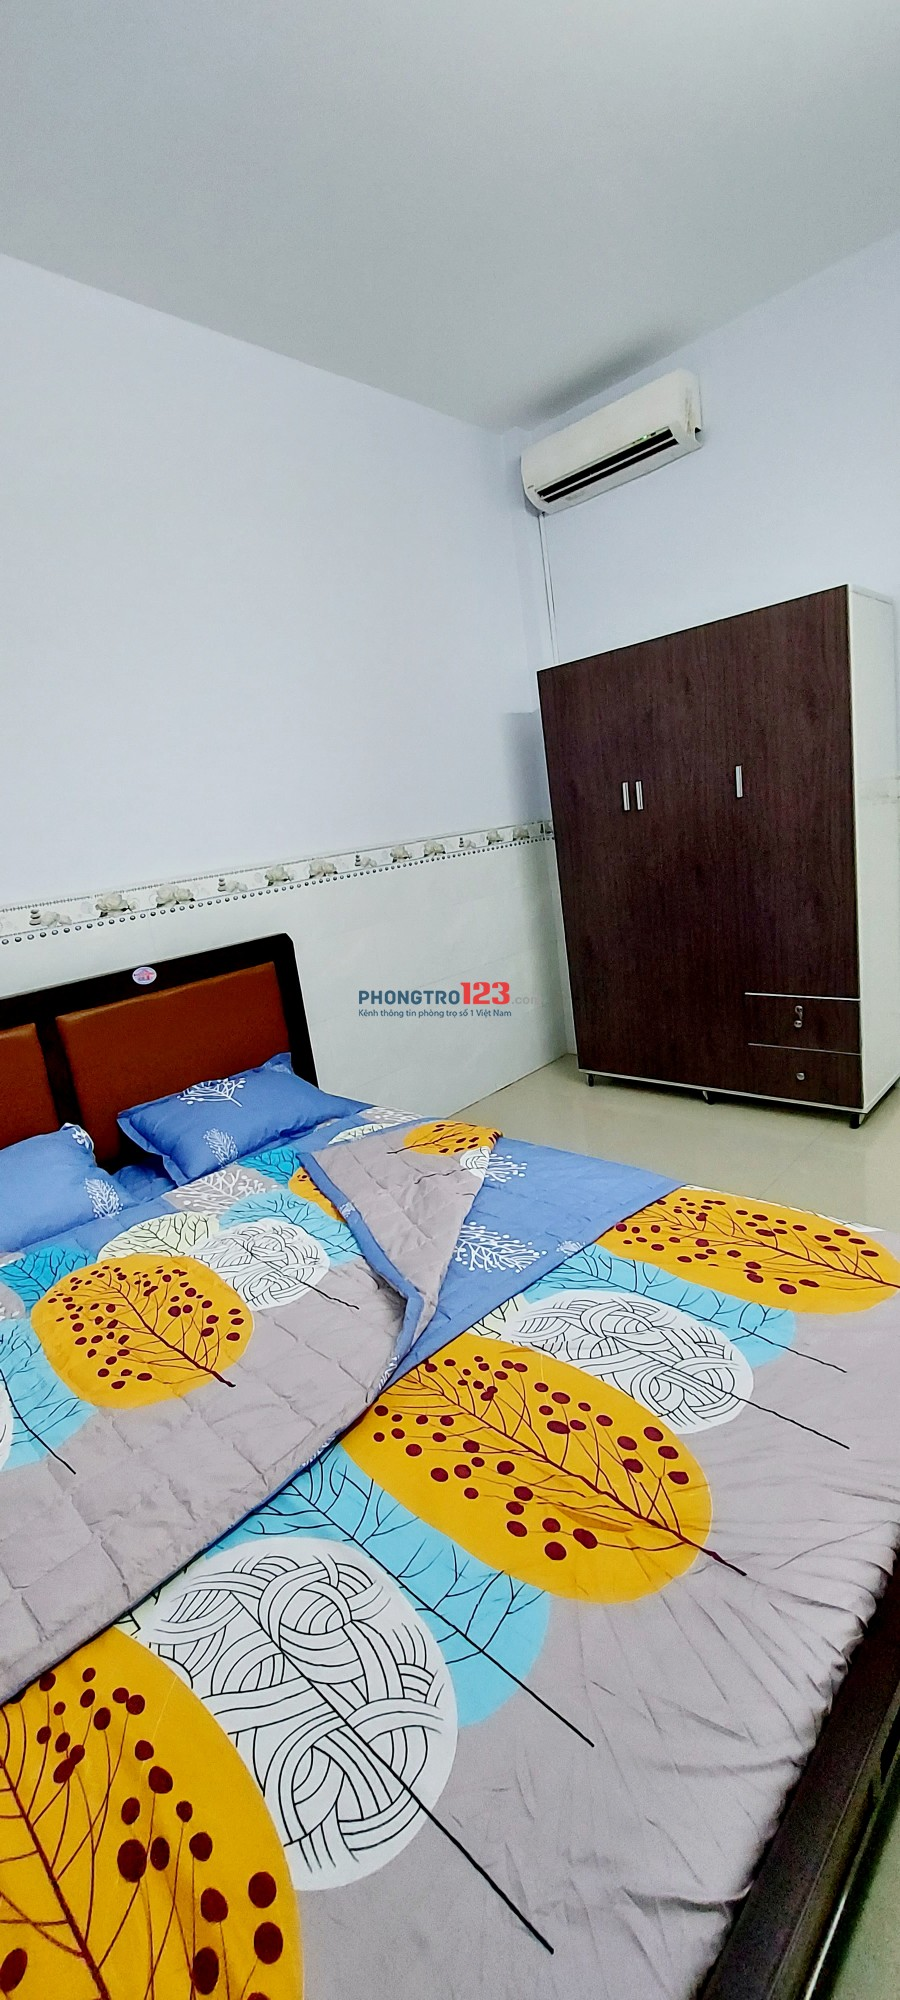 Cho thuê nhà mới nguyên căn 1 trệt 1 lầu nội thất đầy đủ